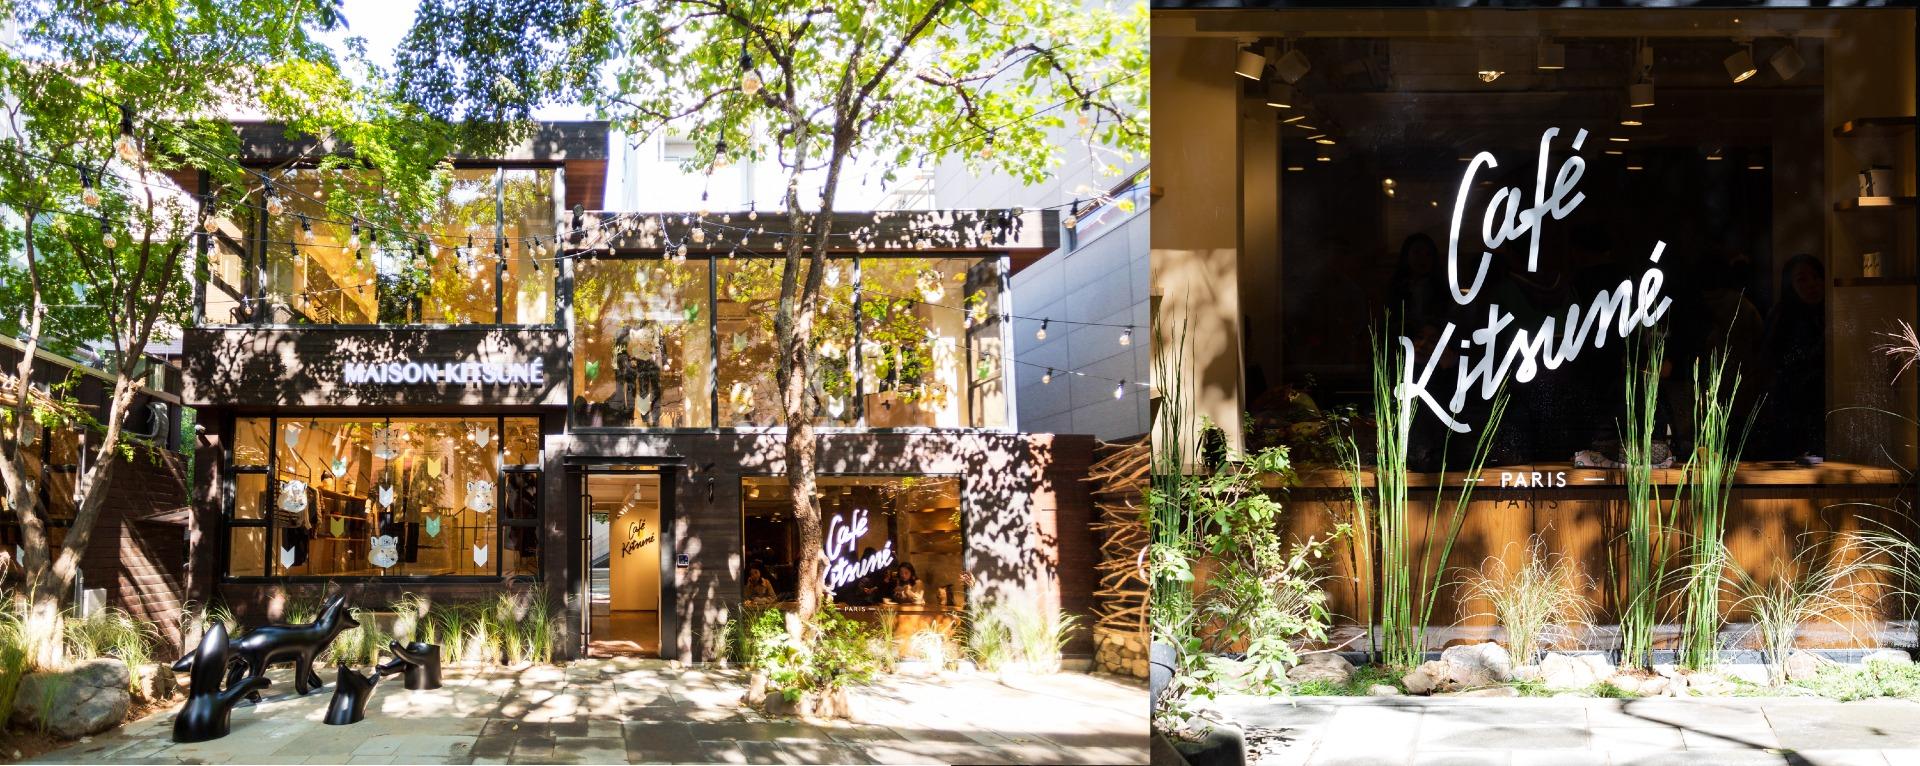 https://media.maisonkitsune.com/media/wysiwyg/191018_seoul-cafe-HP_10.jpg